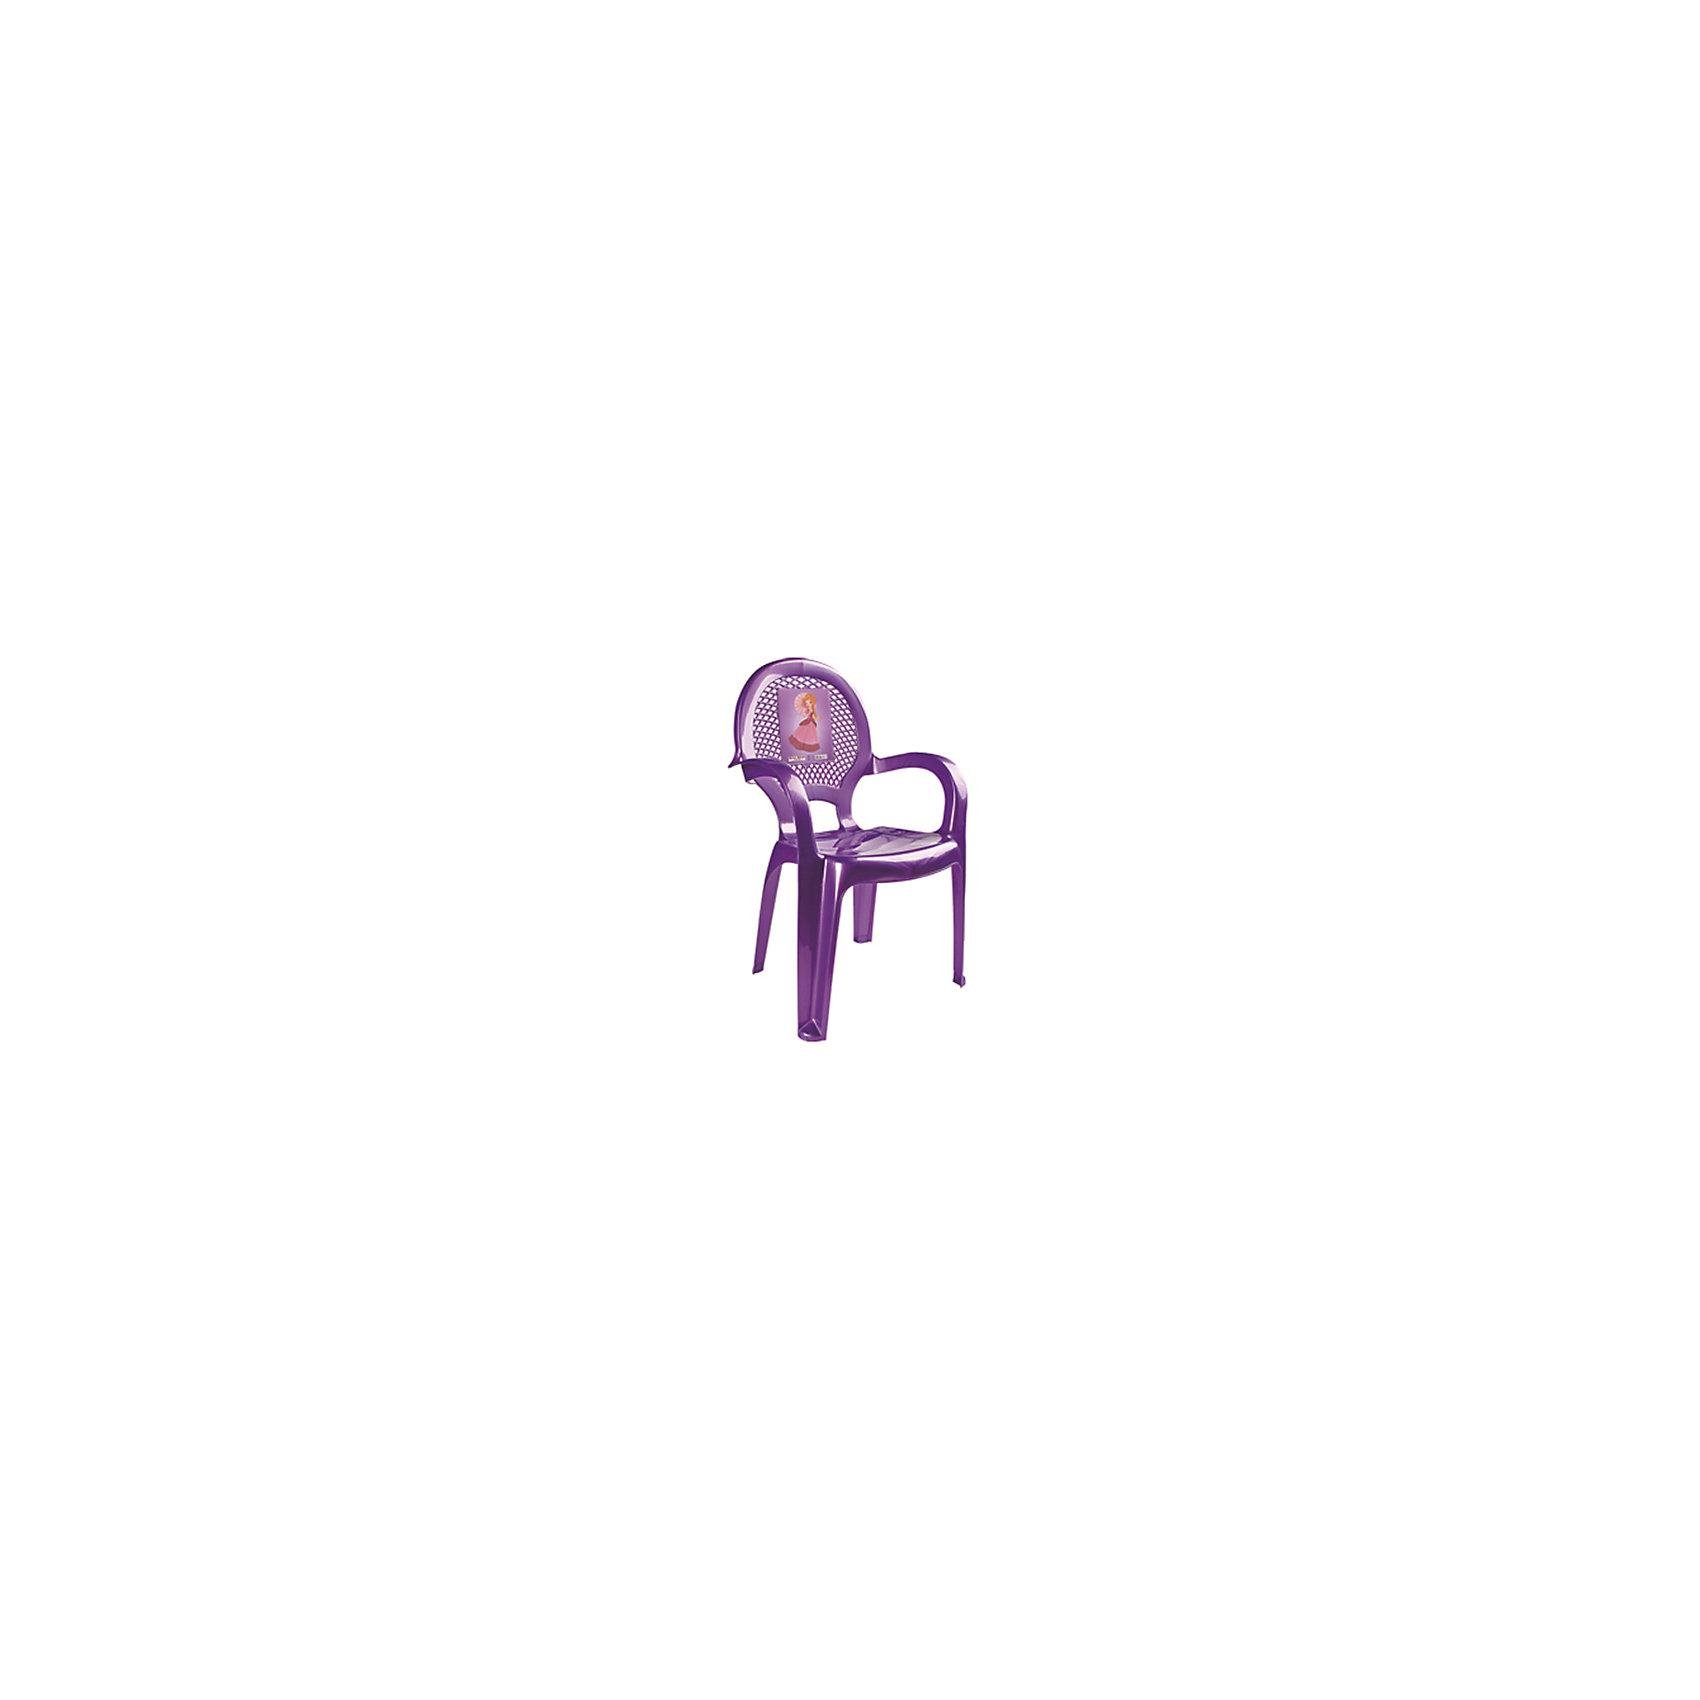 Стул Девочка с зонтикомДетские столы и стулья<br>Яркий, удобный стульчик для вашего малыша. Изделие изготовлено из высококачественной пластмассы с использованием современных технологий. Все условия для комфорта вашего малыша: спинка высокая, на спинке имеется рисунок, спинка сетчатая, эргономичные подлокотники, форма компактная и удобная для хранения - стулья можно составить один в другой, легко моется водой с любым моющим средством. <br><br>Дополнительная информация:<br><br>Материал: пластик.<br>Размер: высота - 55 см.<br>Цвет: фиолетовый.<br><br>Детский стульчик с рисунком в фиолетовом цвете, можно купить в нашем магазине.<br><br>Ширина мм: 750<br>Глубина мм: 480<br>Высота мм: 380<br>Вес г: 600<br>Возраст от месяцев: 24<br>Возраст до месяцев: 84<br>Пол: Унисекс<br>Возраст: Детский<br>SKU: 4718407